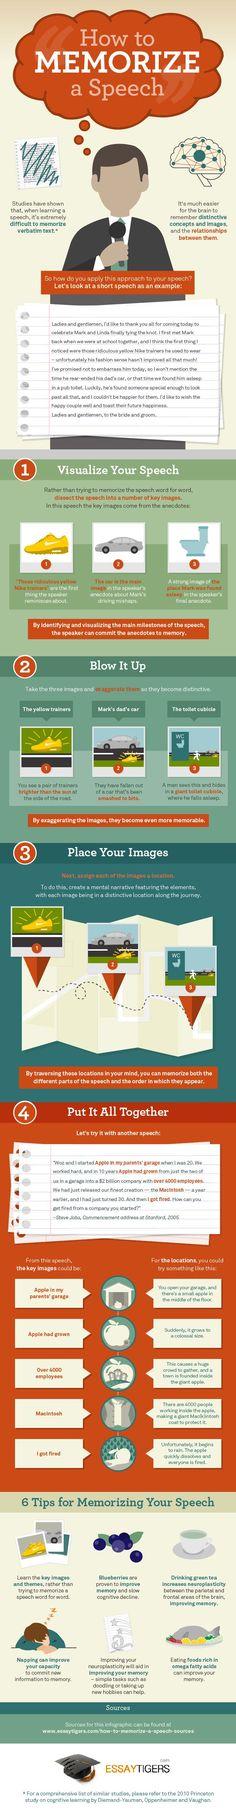 How to Memorize a Speech (Infographic) | Inc.com